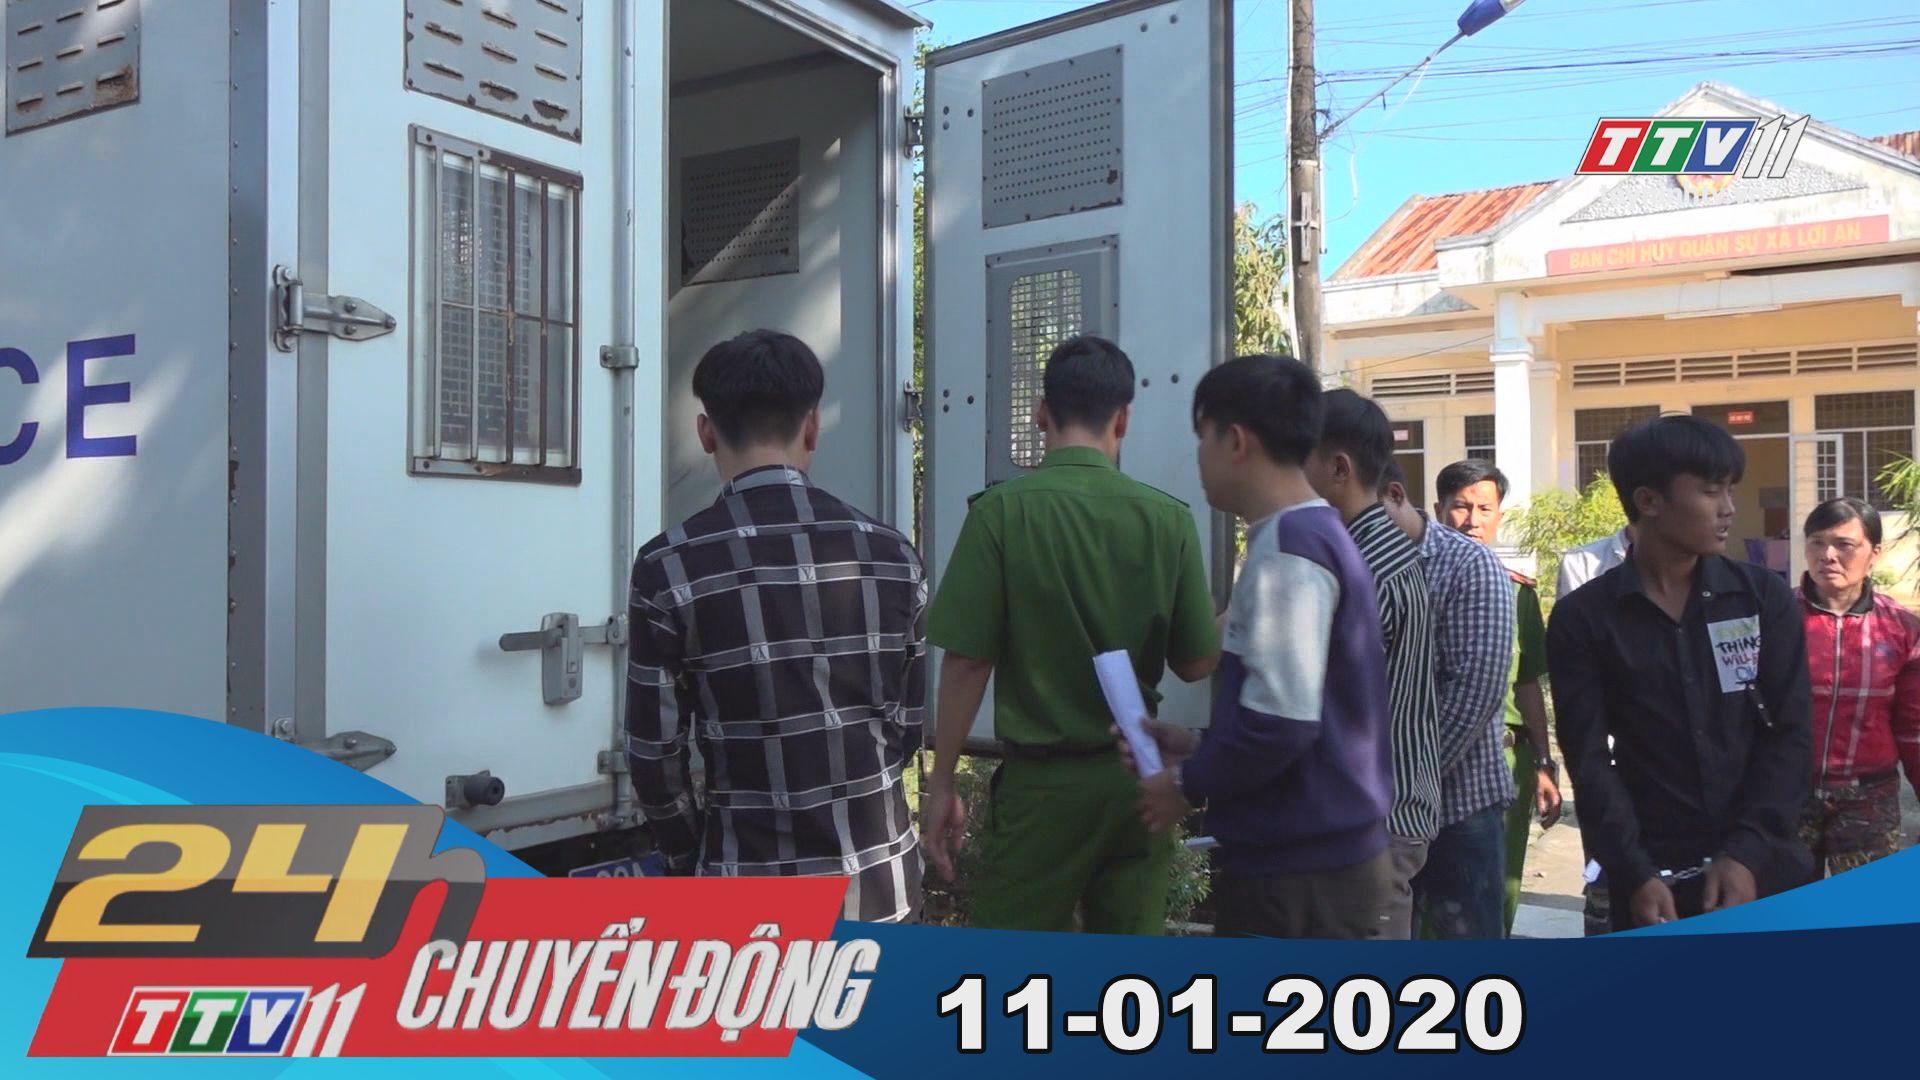 24h Chuyển động 11-01-2020 | Tin tức hôm nay | TayNinhTV